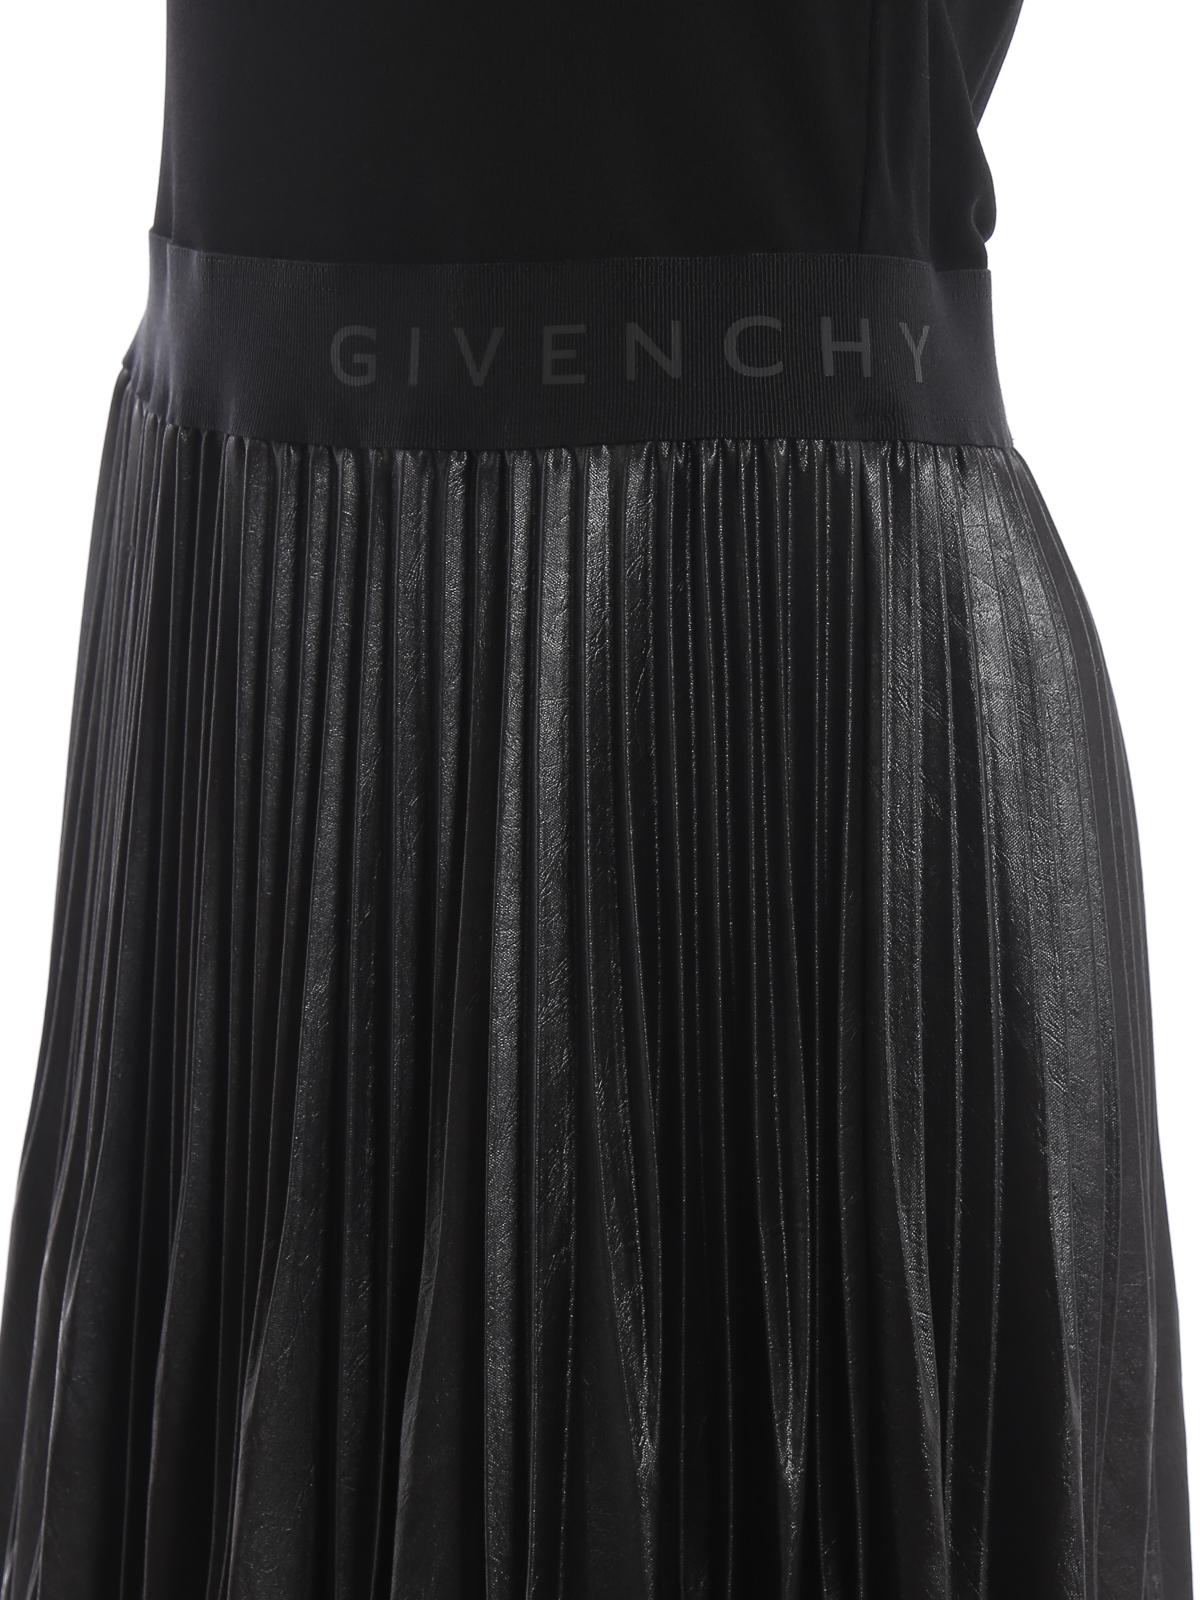 Givenchy Abito con gonna plissettata spalmata abiti da